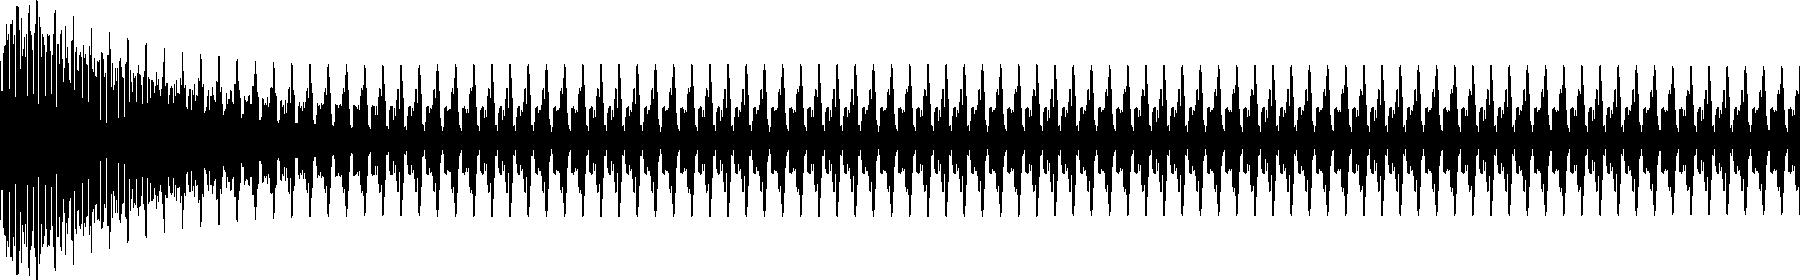 veh2 synths   084 c